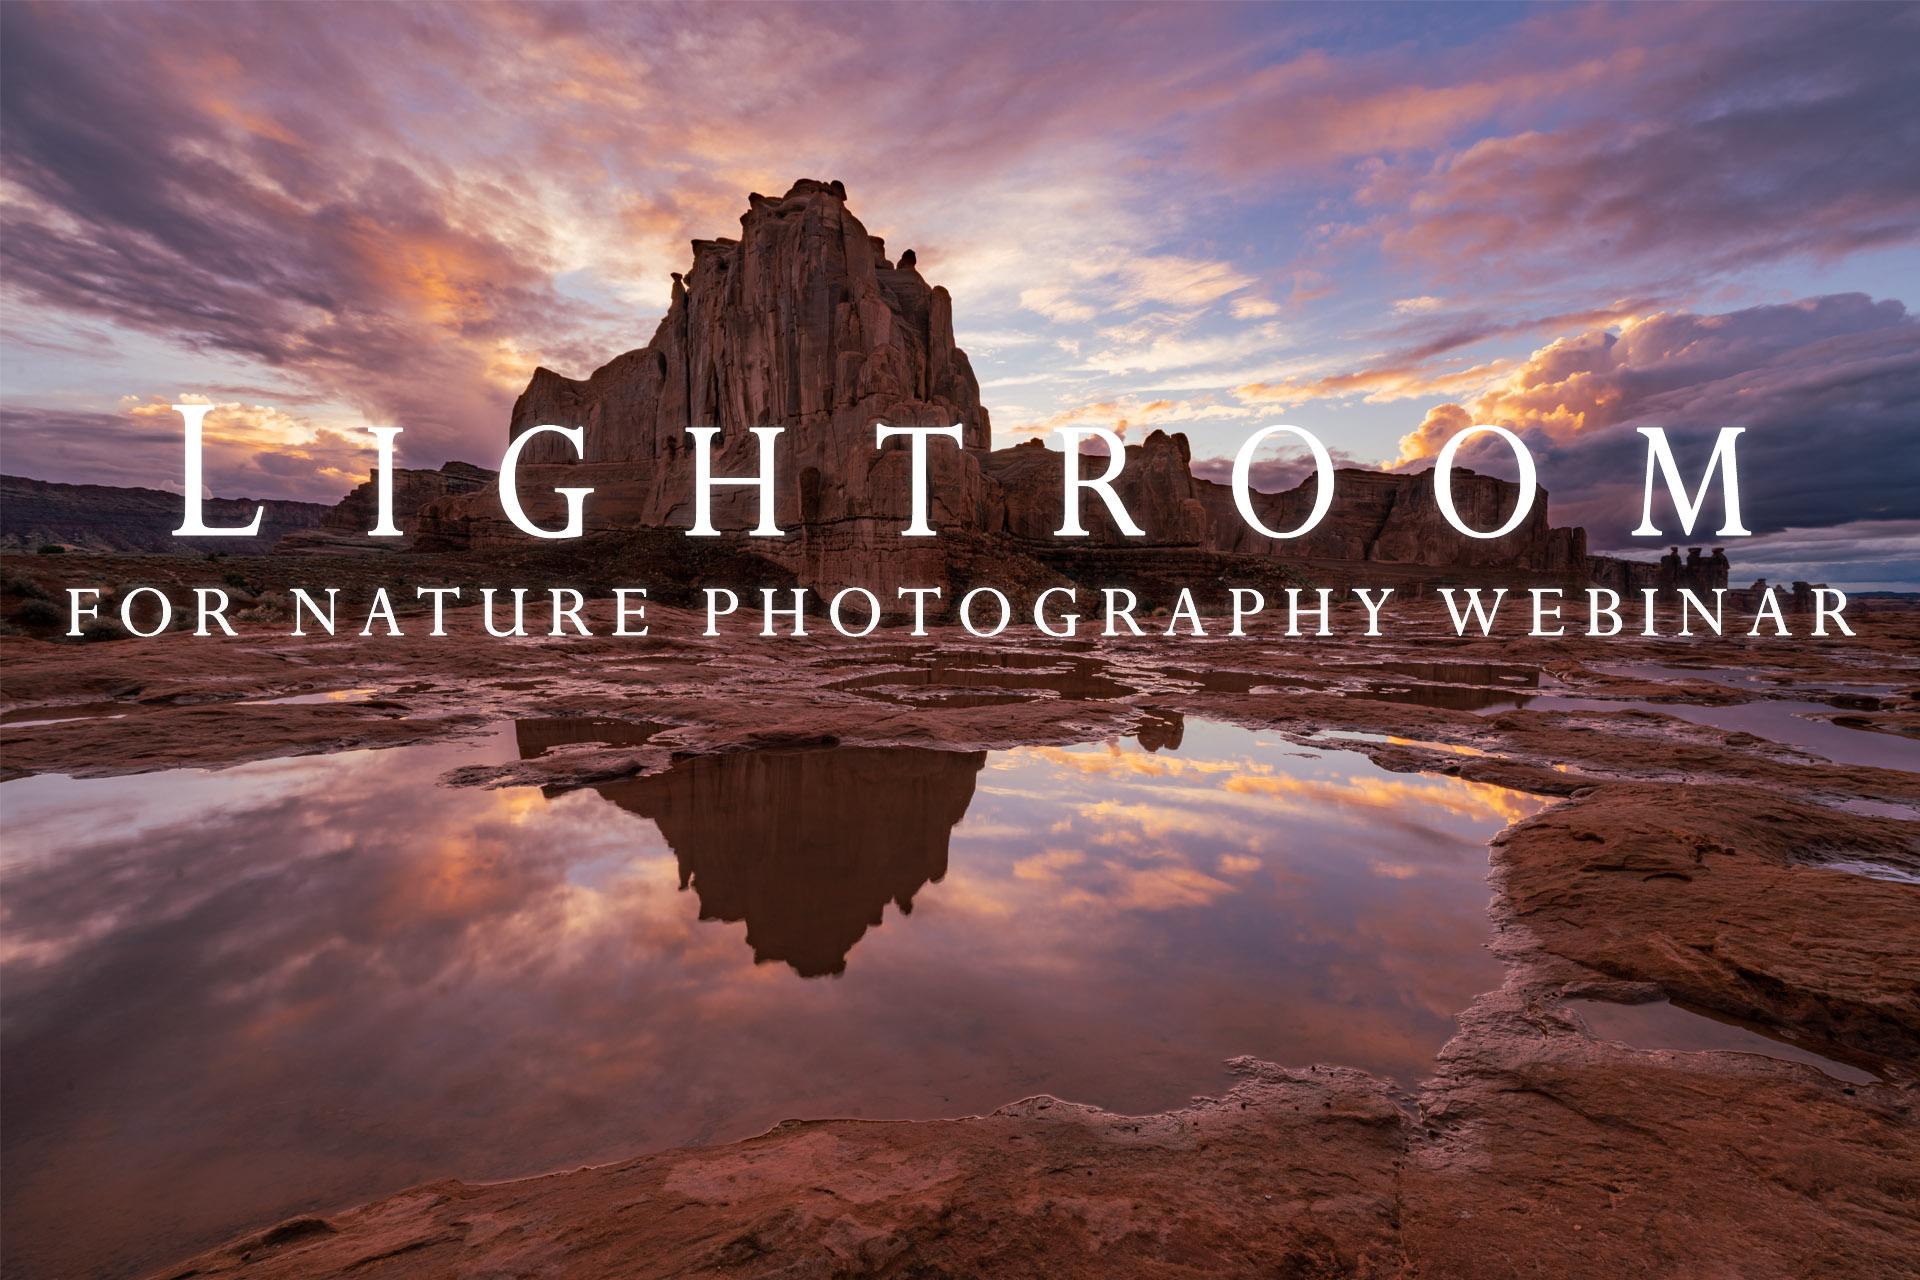 Free Lightroom for Nature Photography Webinar Registration Open